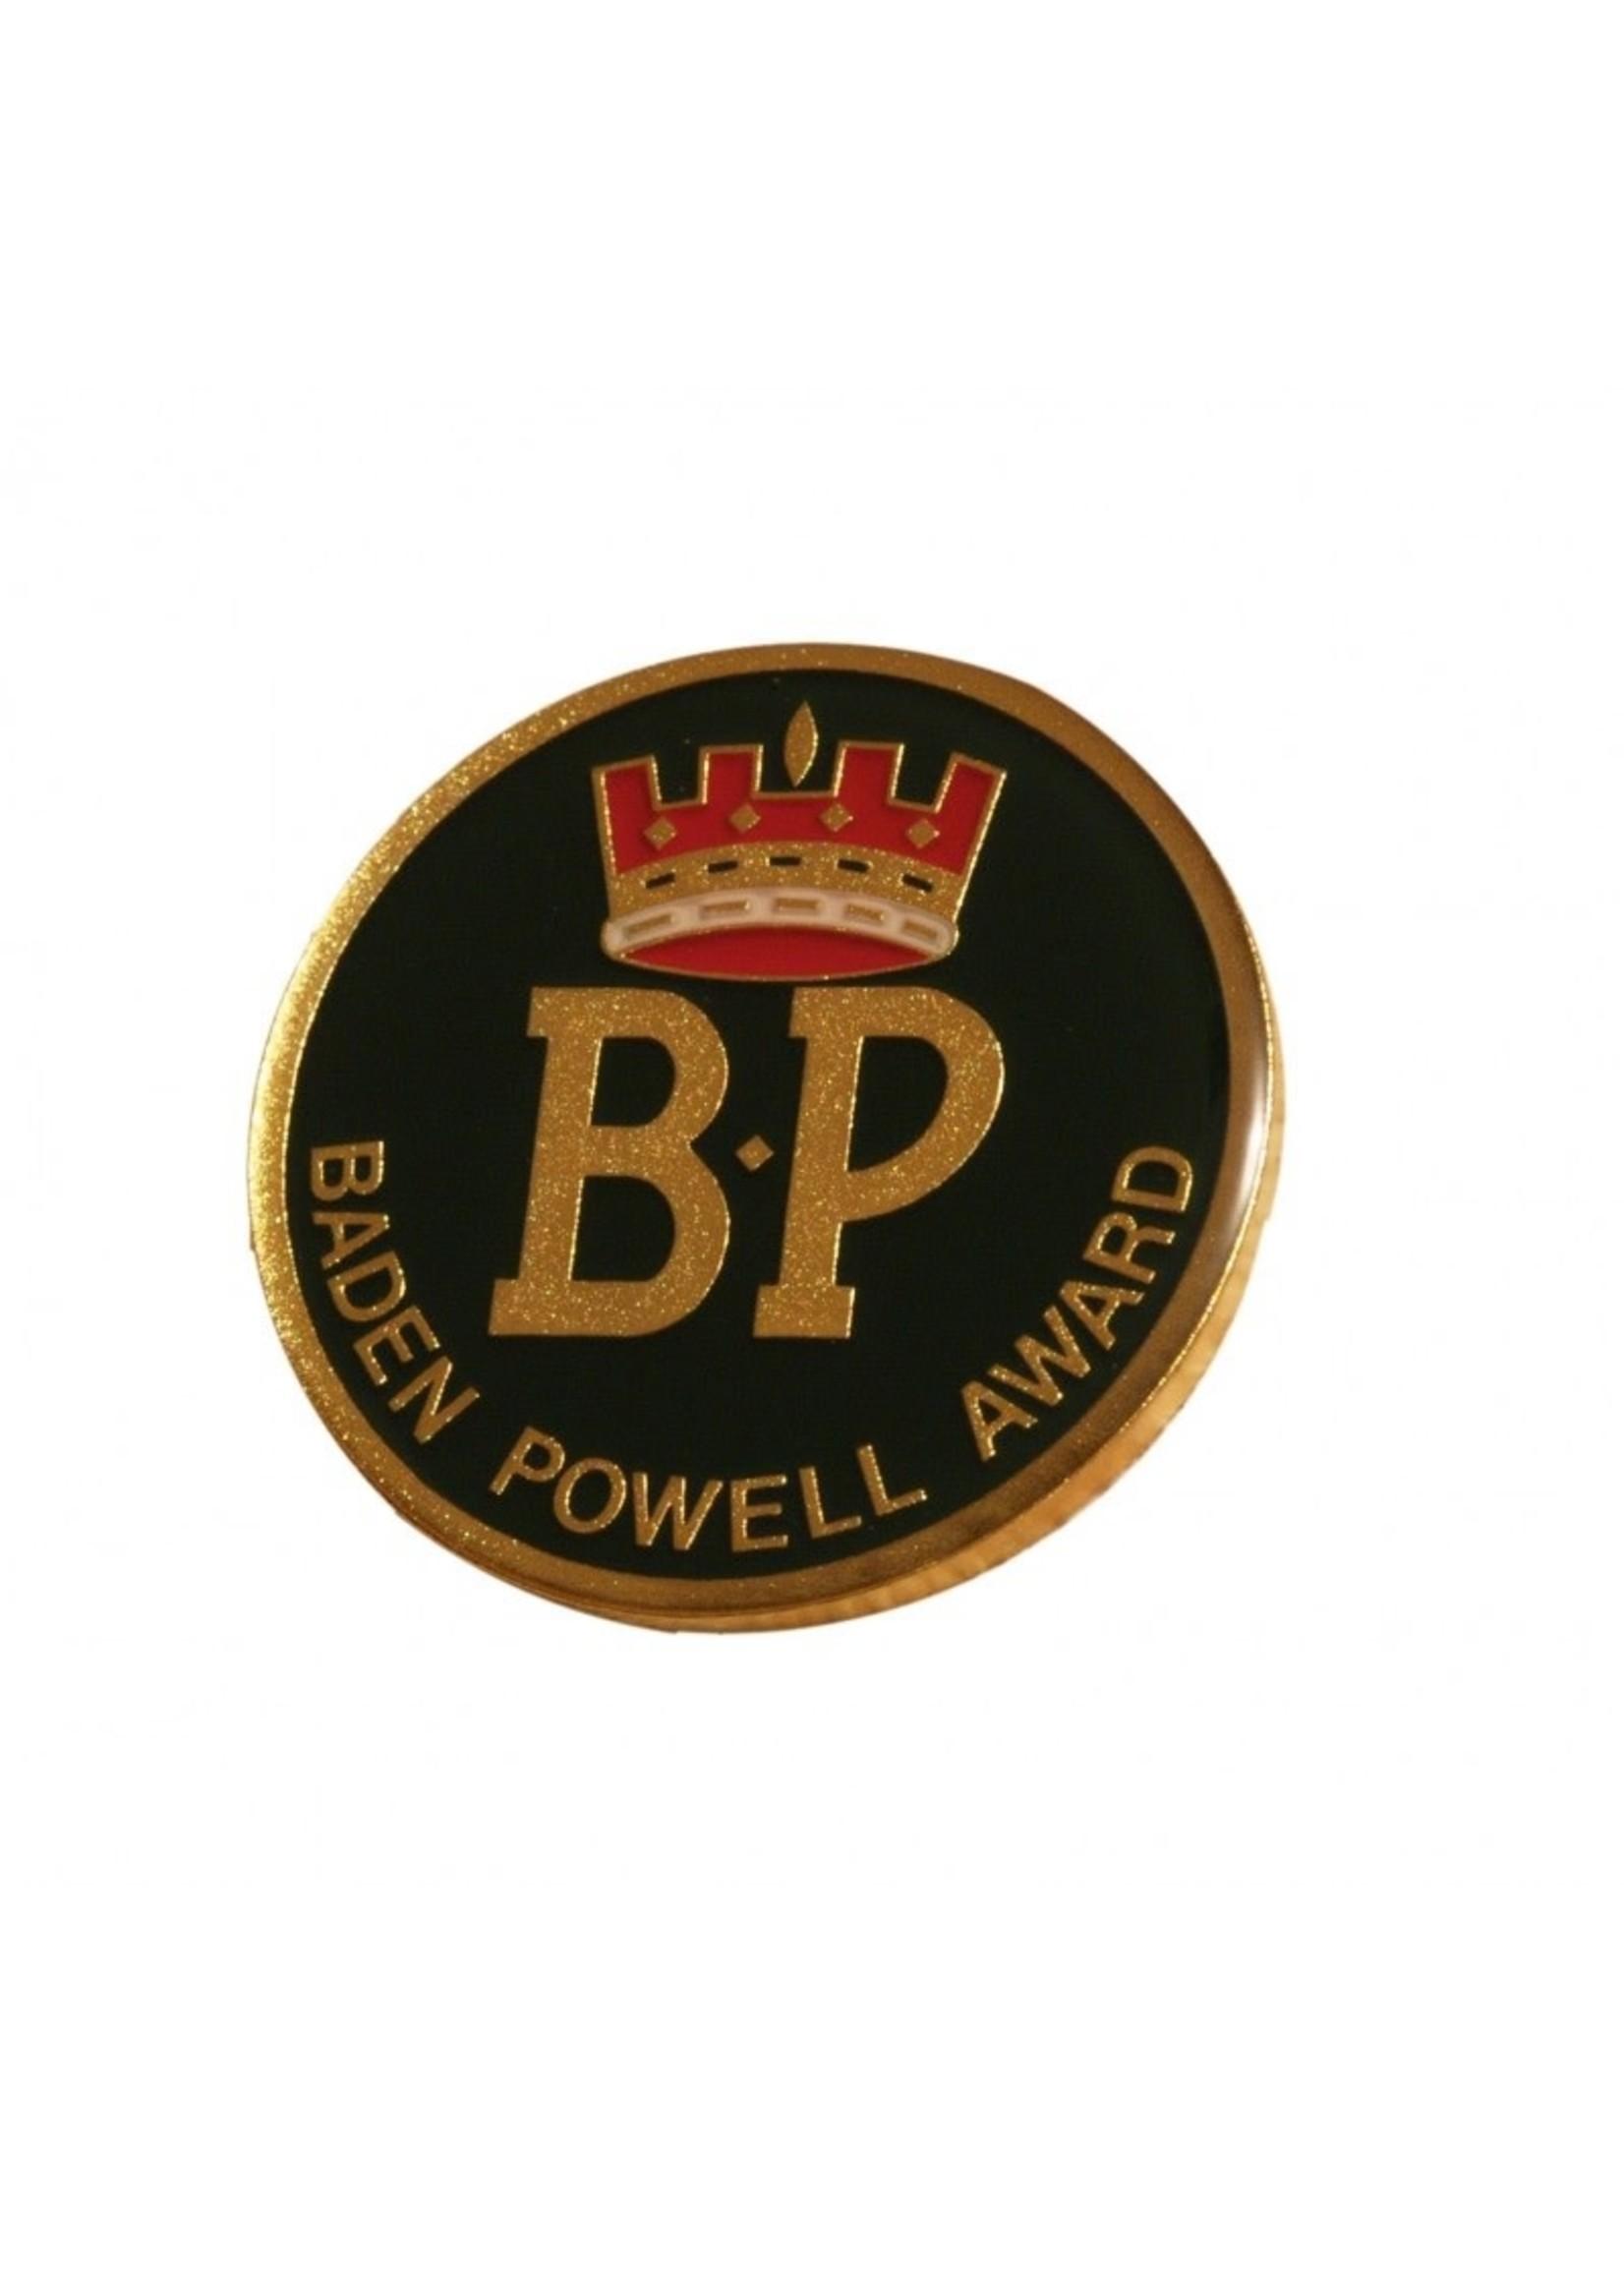 BP Award Lapel Pin